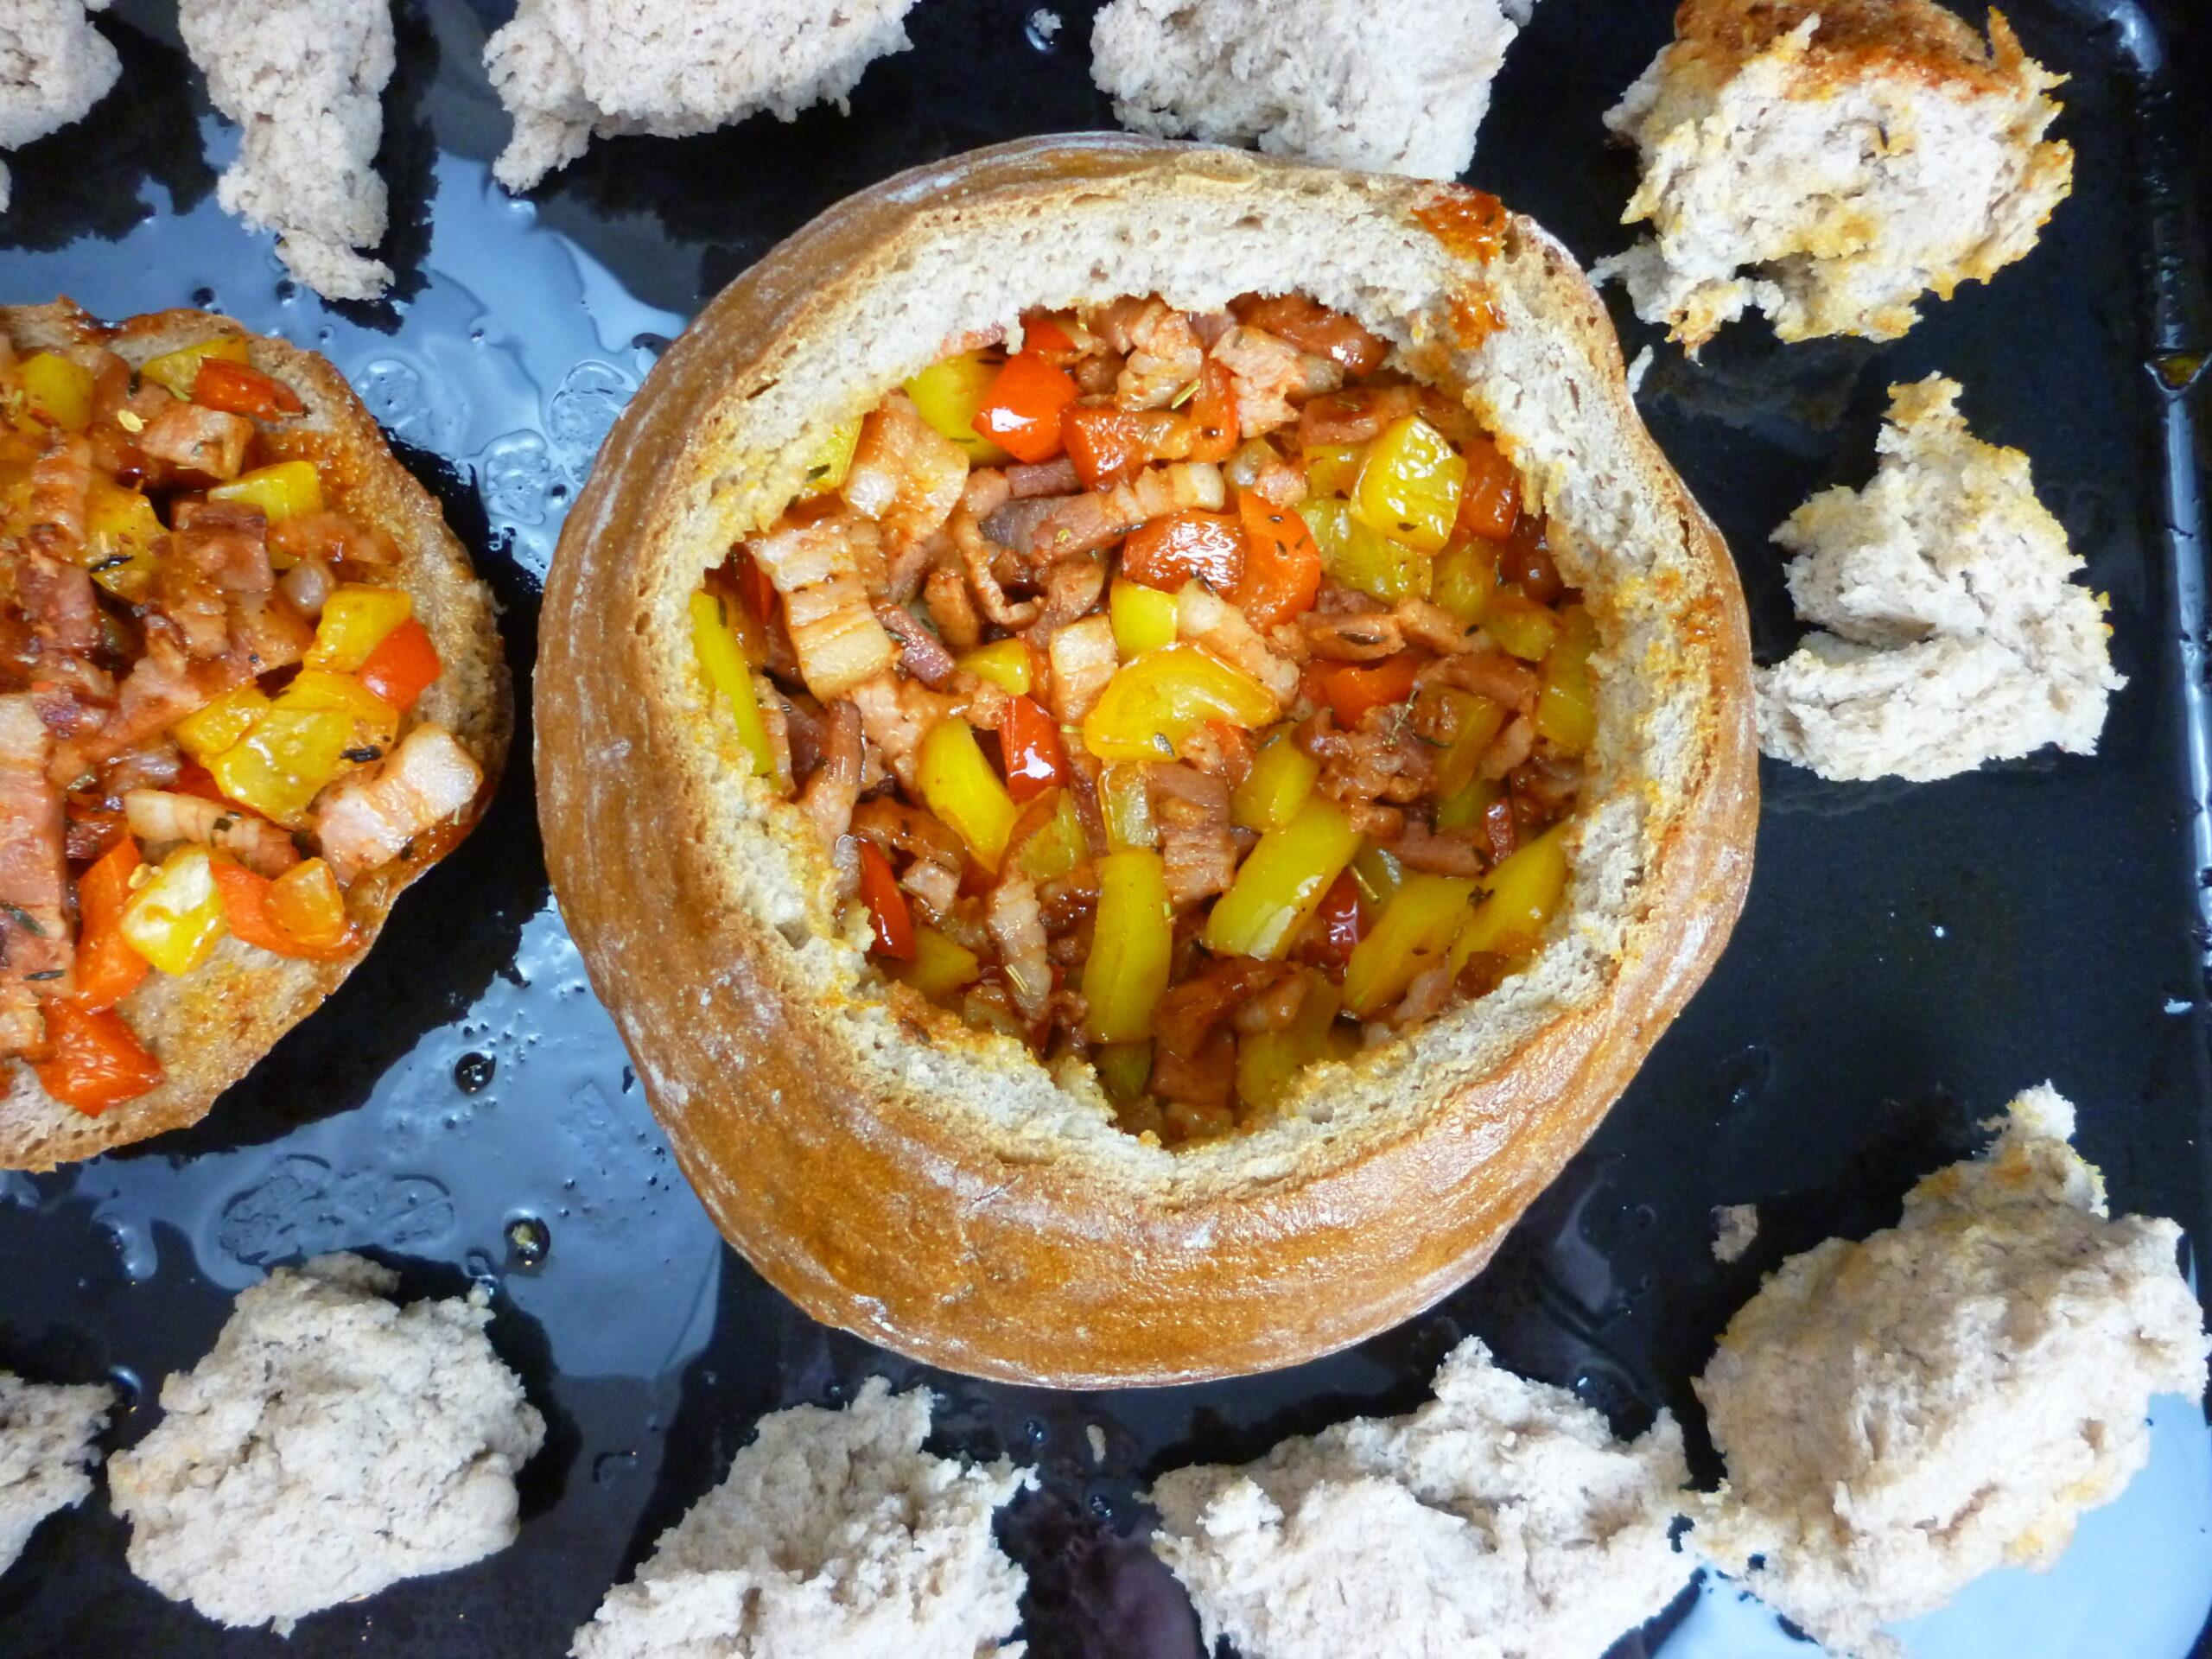 Farmer's Cheese Fondue